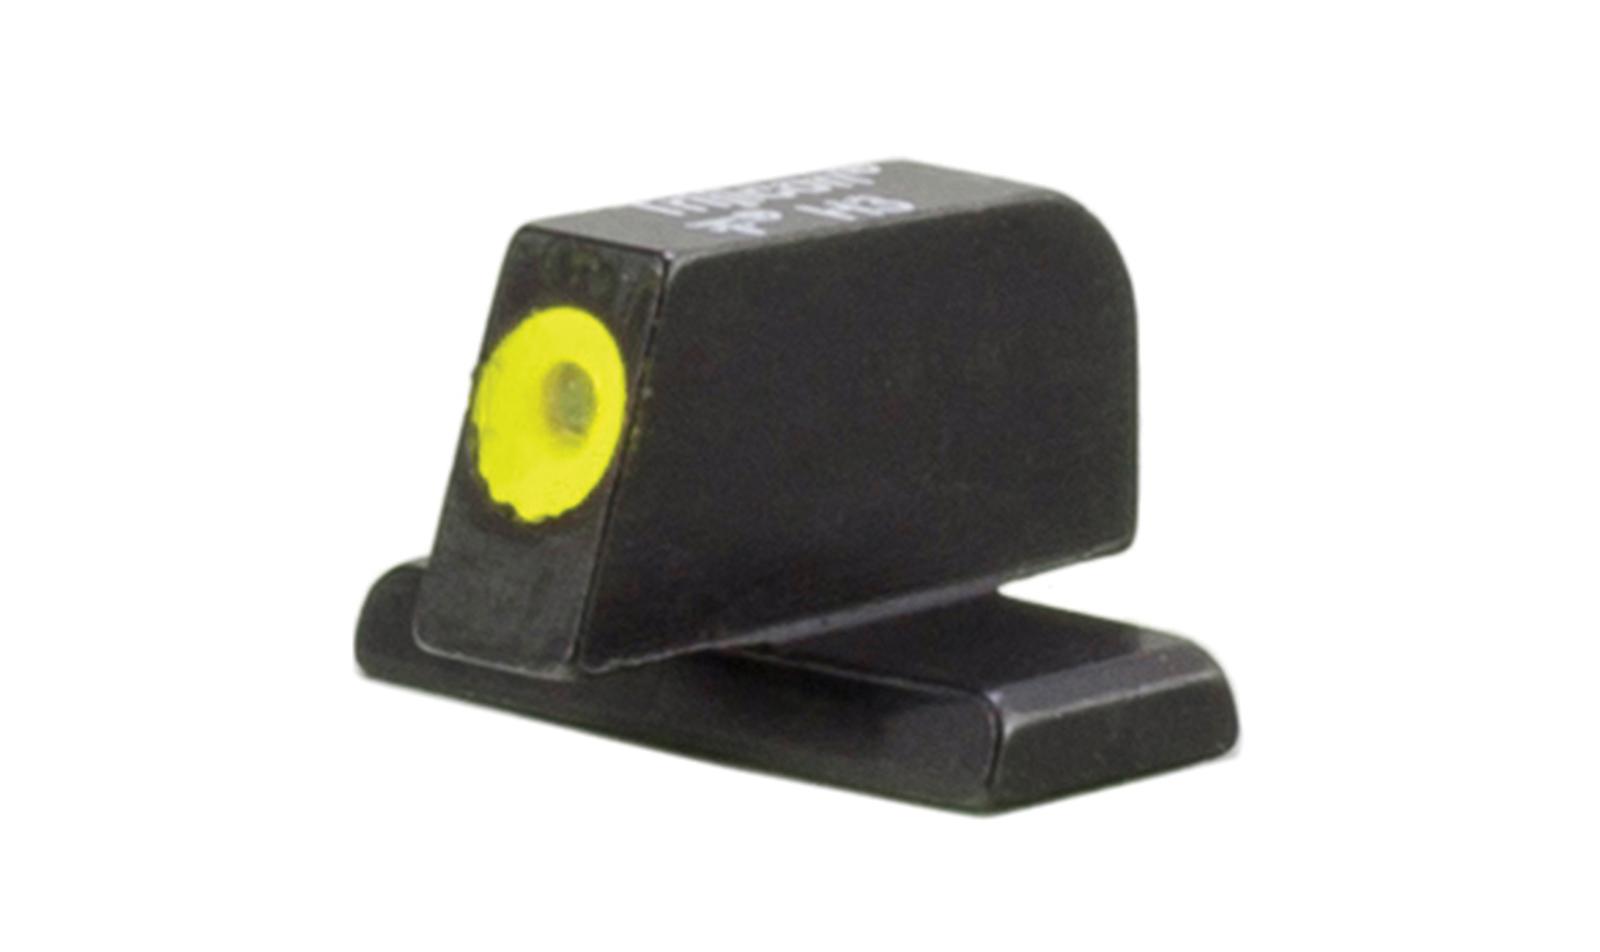 SG603-C-600862 angle 1